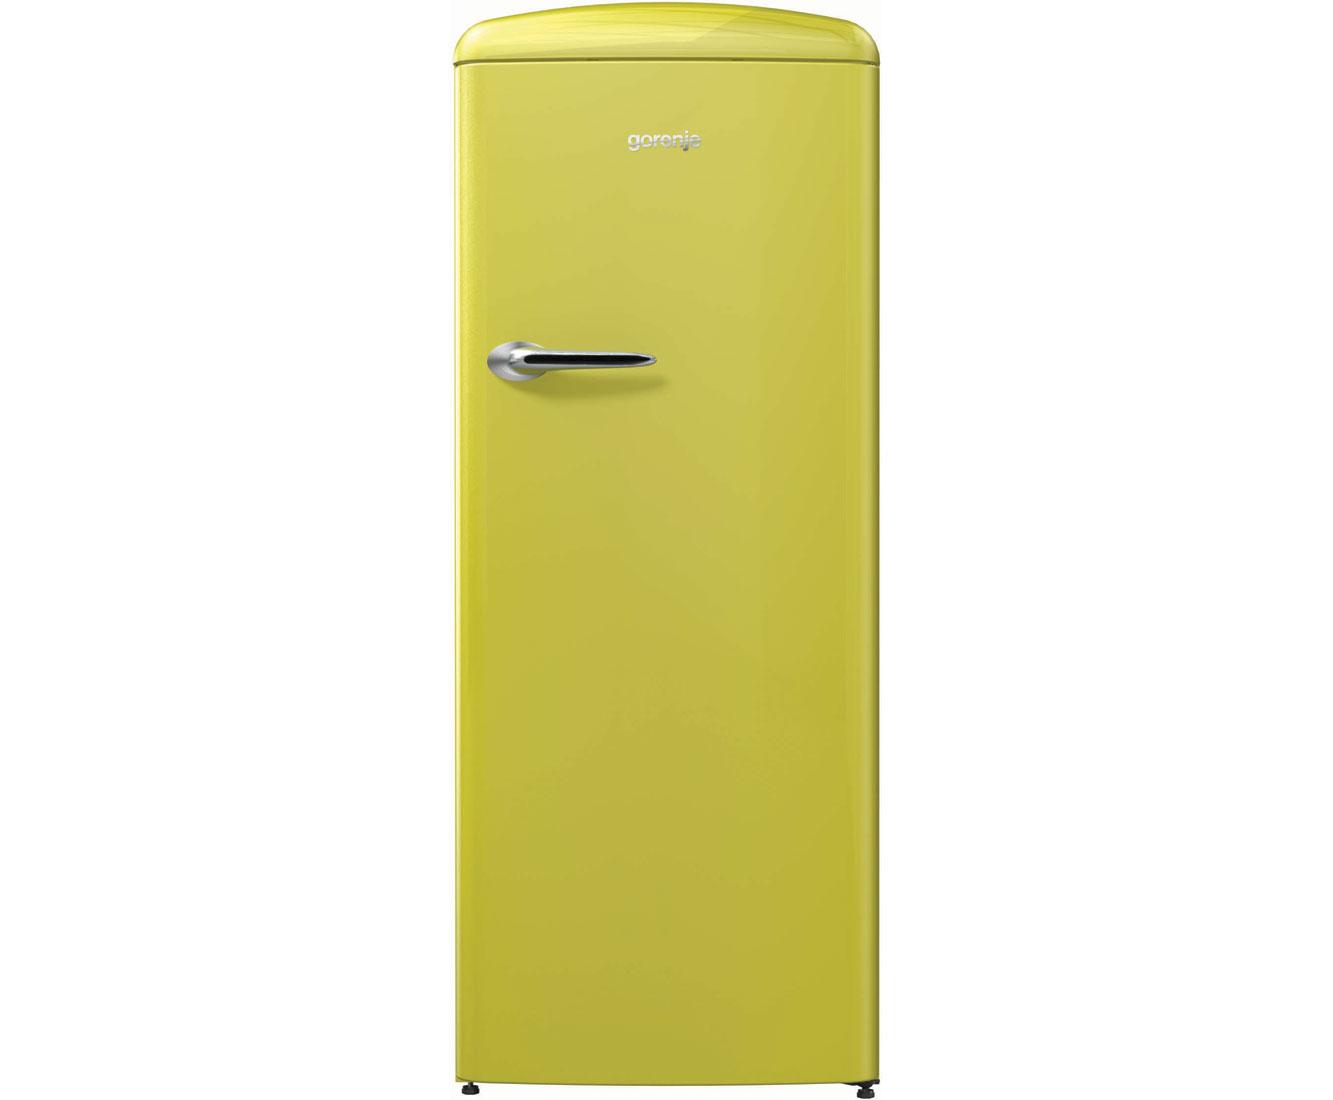 Gorenje Kühlschrank Kondenswasser Läuft Nicht Ab : Gorenje oldtimer orb ap kühlschrank mit gefrierfach